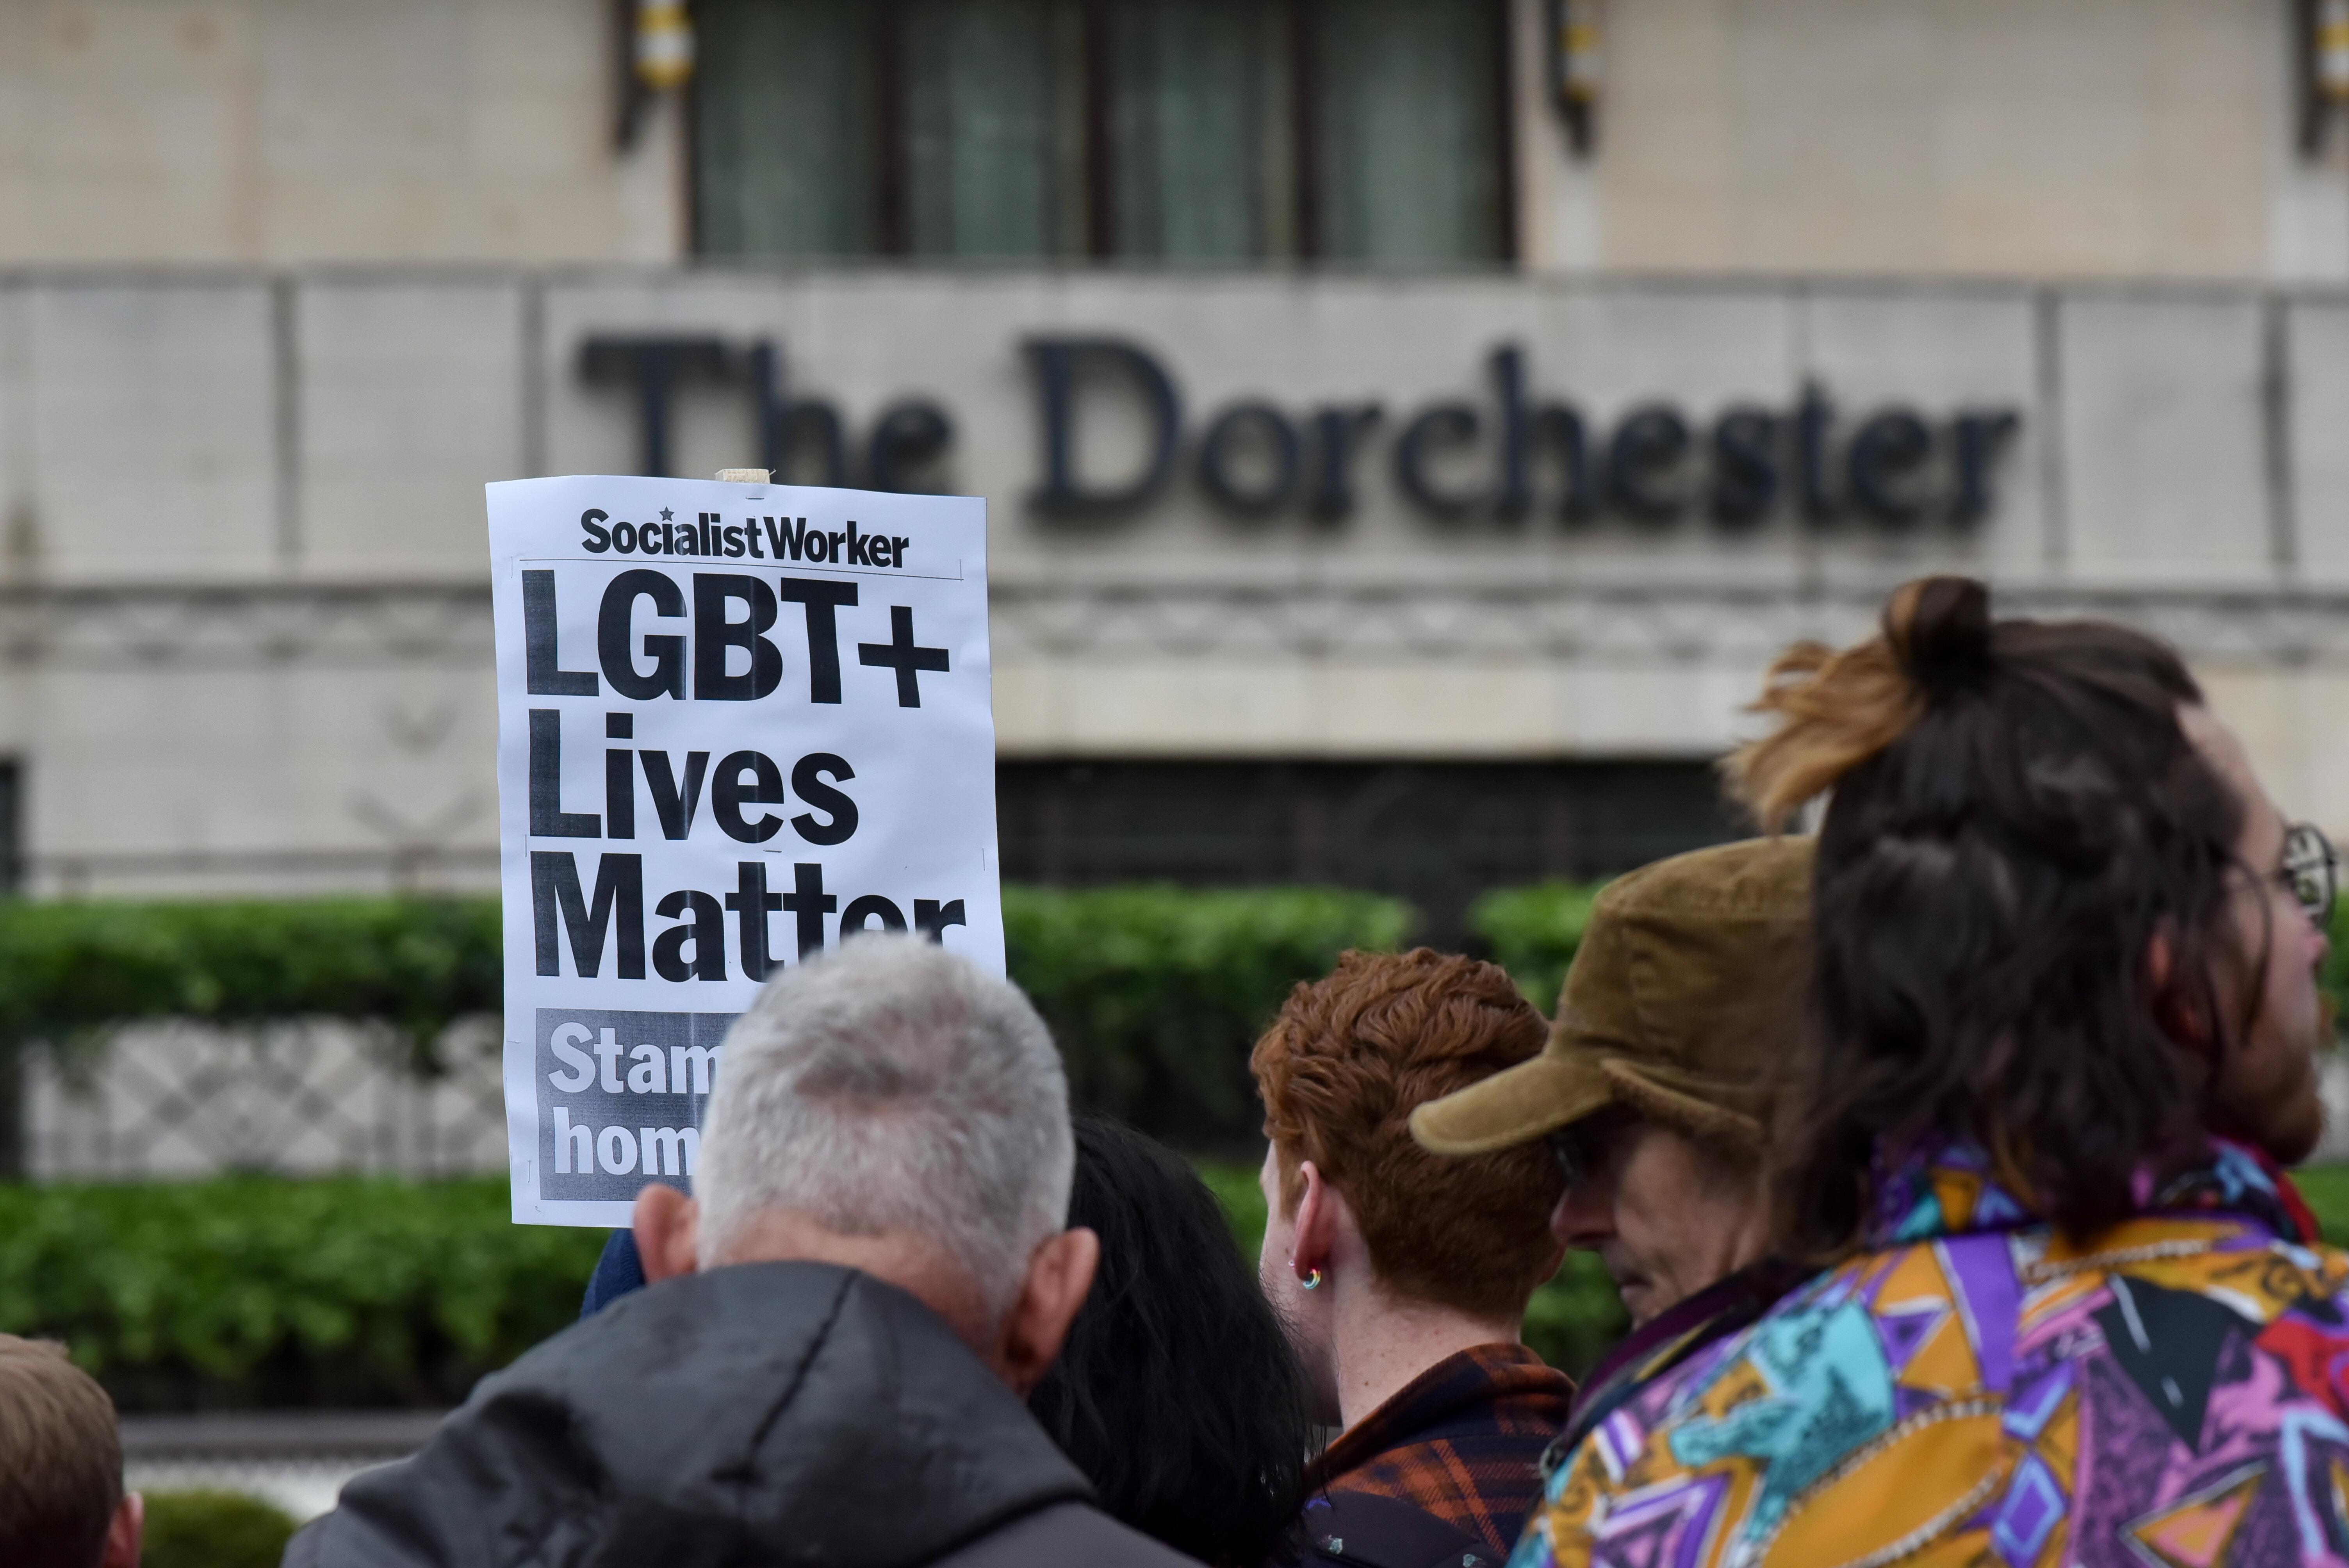 런던 도체스터 호텔 앞에서 벌어진 브루나이 샤리아법에 대한 항의